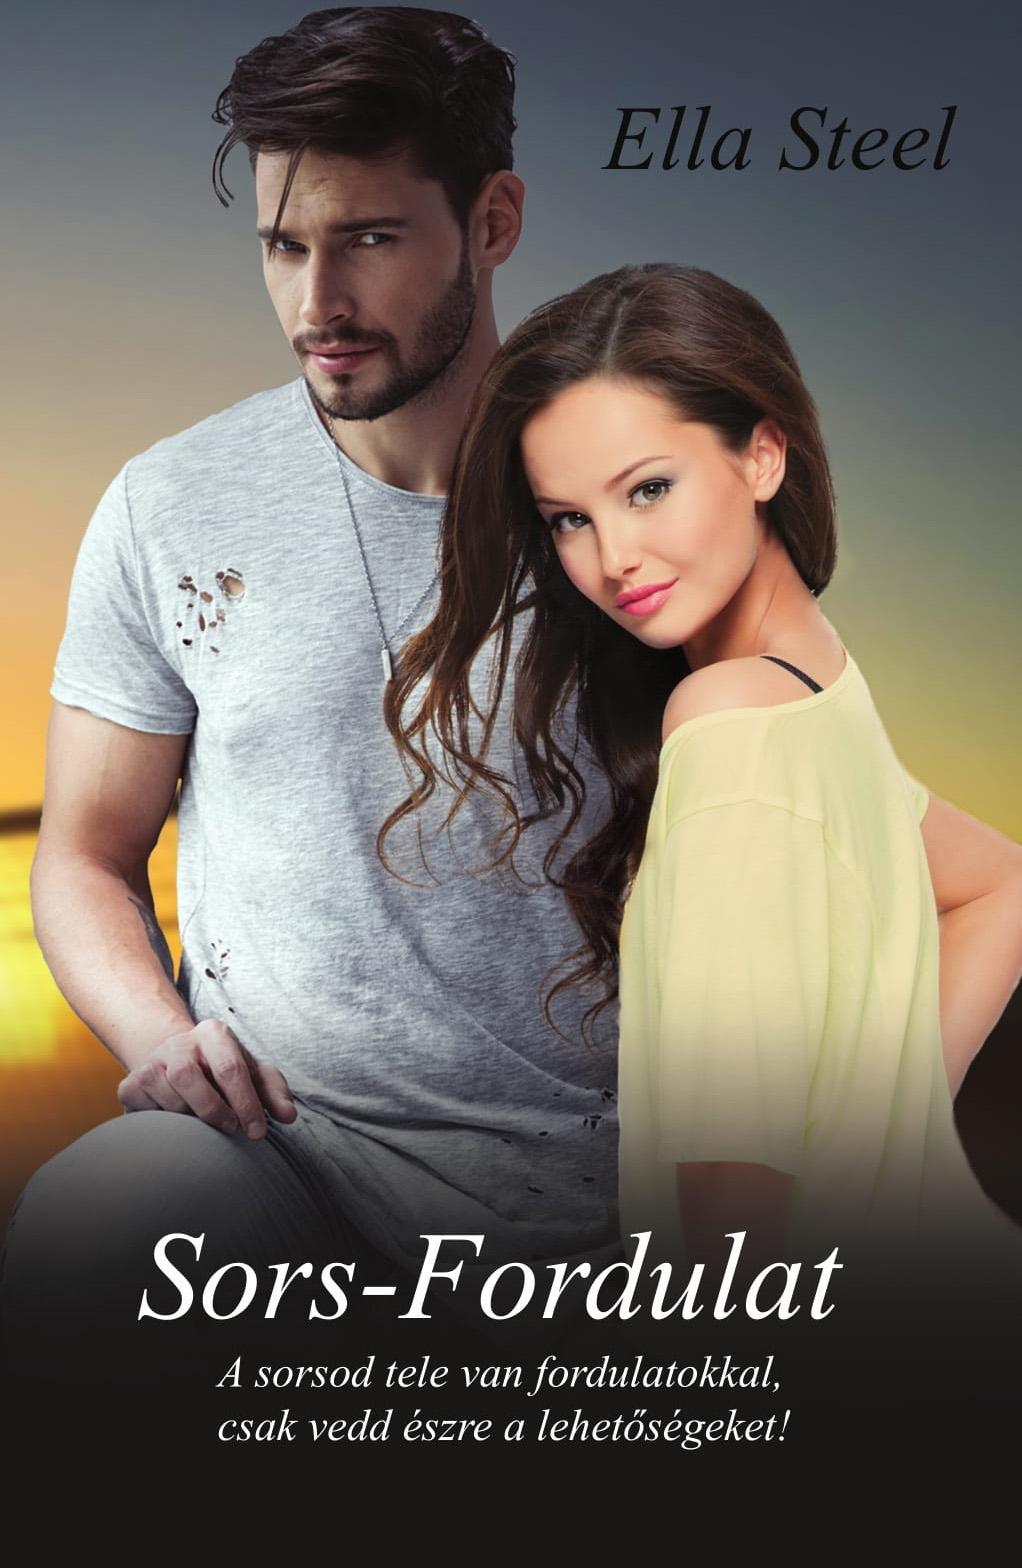 Sors-Fordulat (könyv) - Ella Steel  a68a20028a